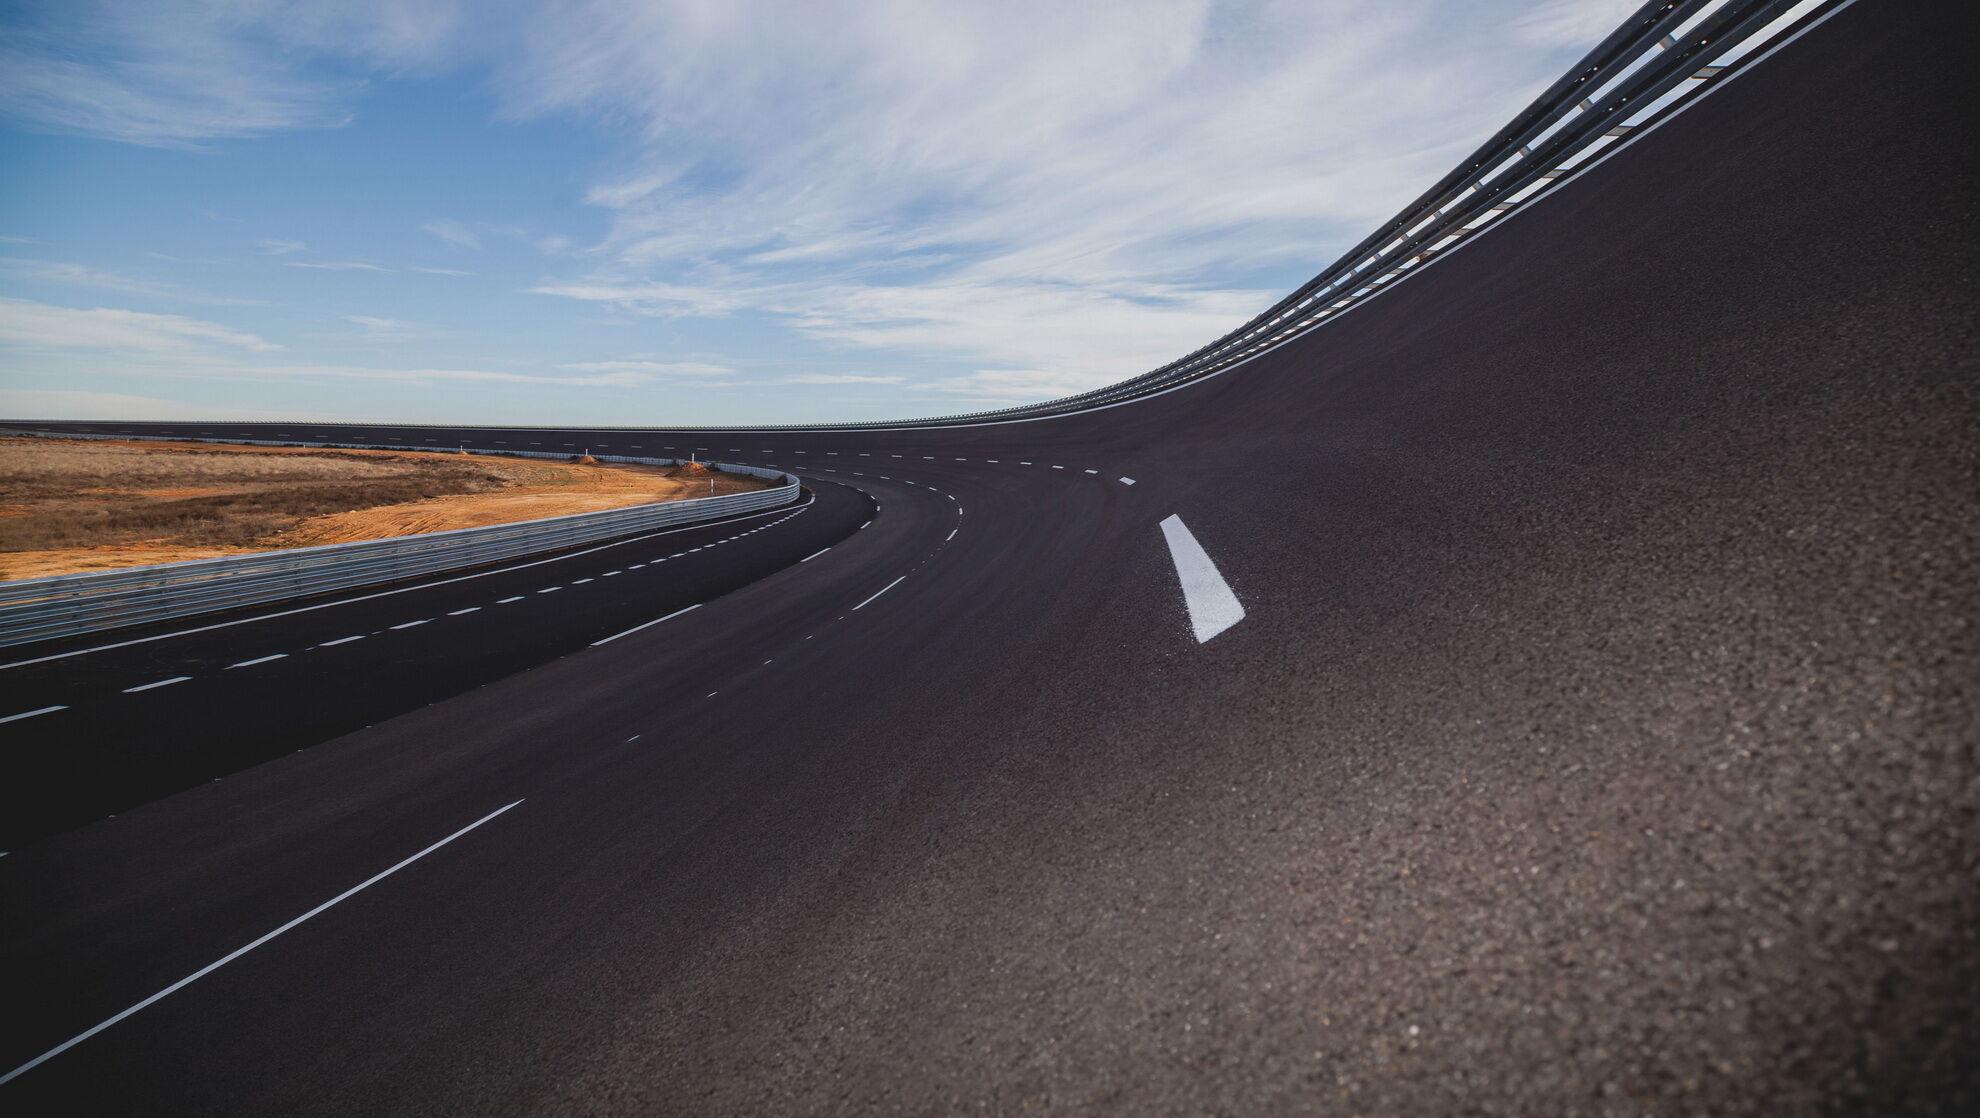 Трек із профільованими поворотами дозволяє тестувати літні та зимові шини на швидкостях до 300 км/год